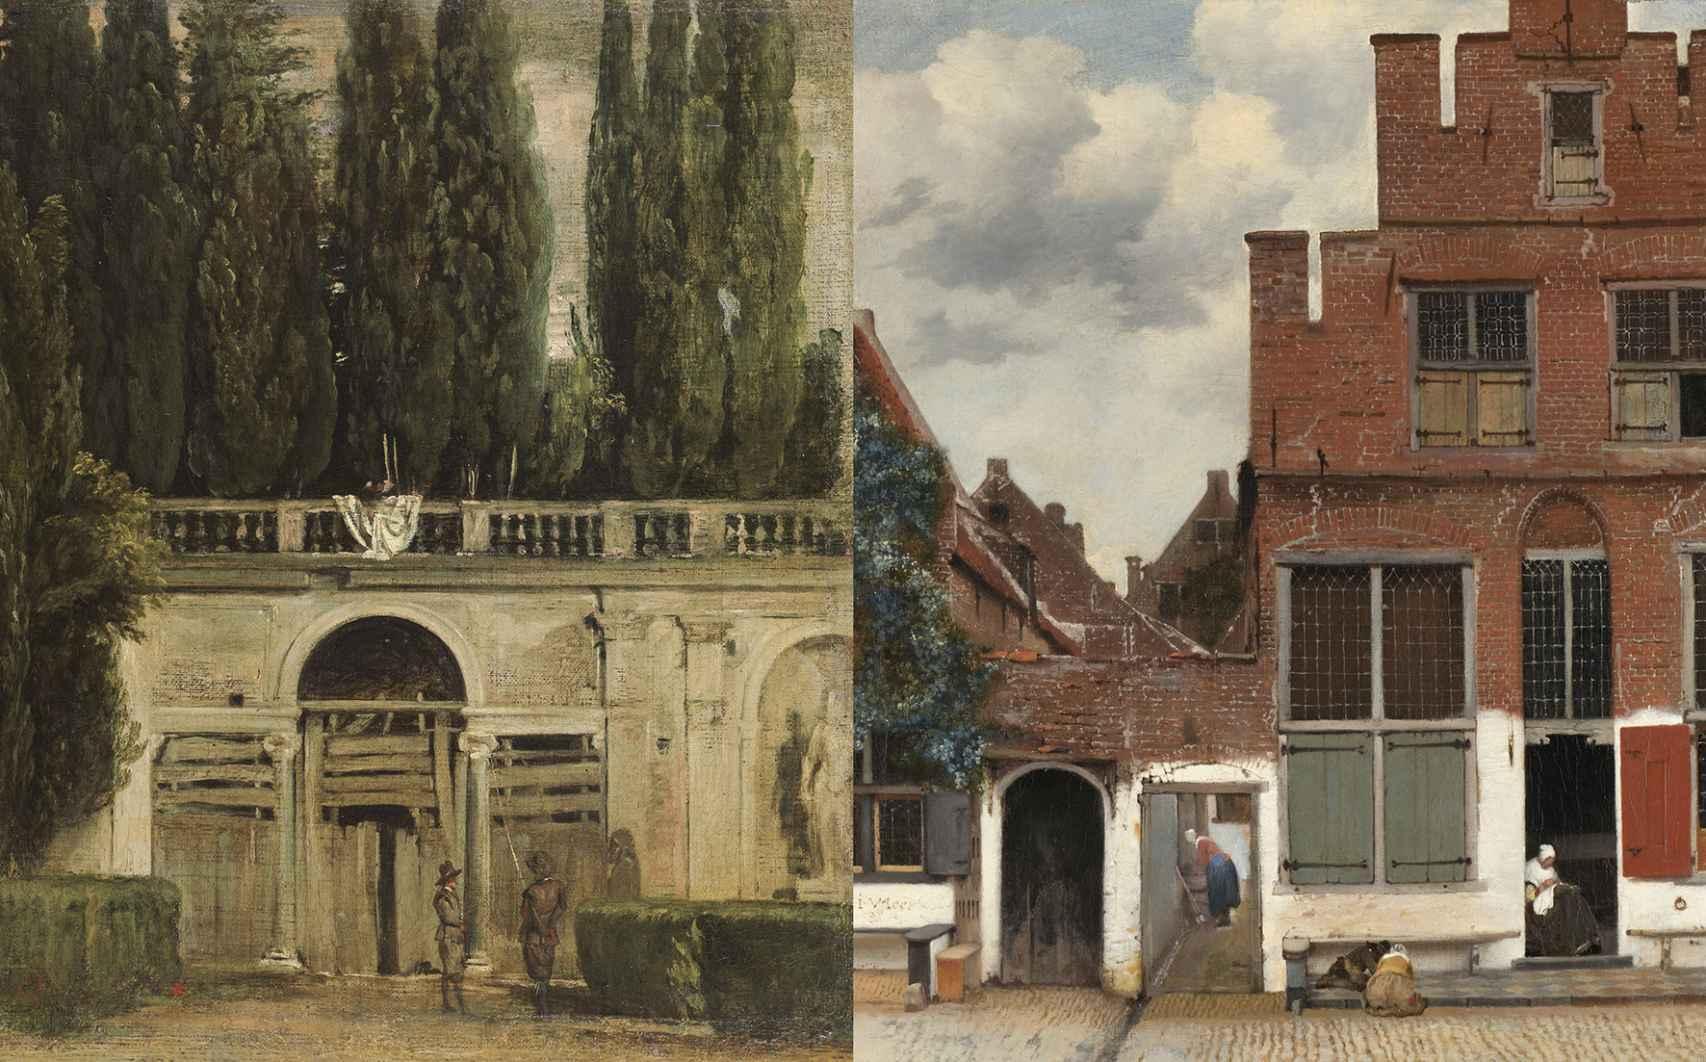 A la izquierda, 'Vista del jardín de la Villa Medici en Roma' (Velázquez) y a la derecha, 'Vista de casas en Delft' (Vermeer).